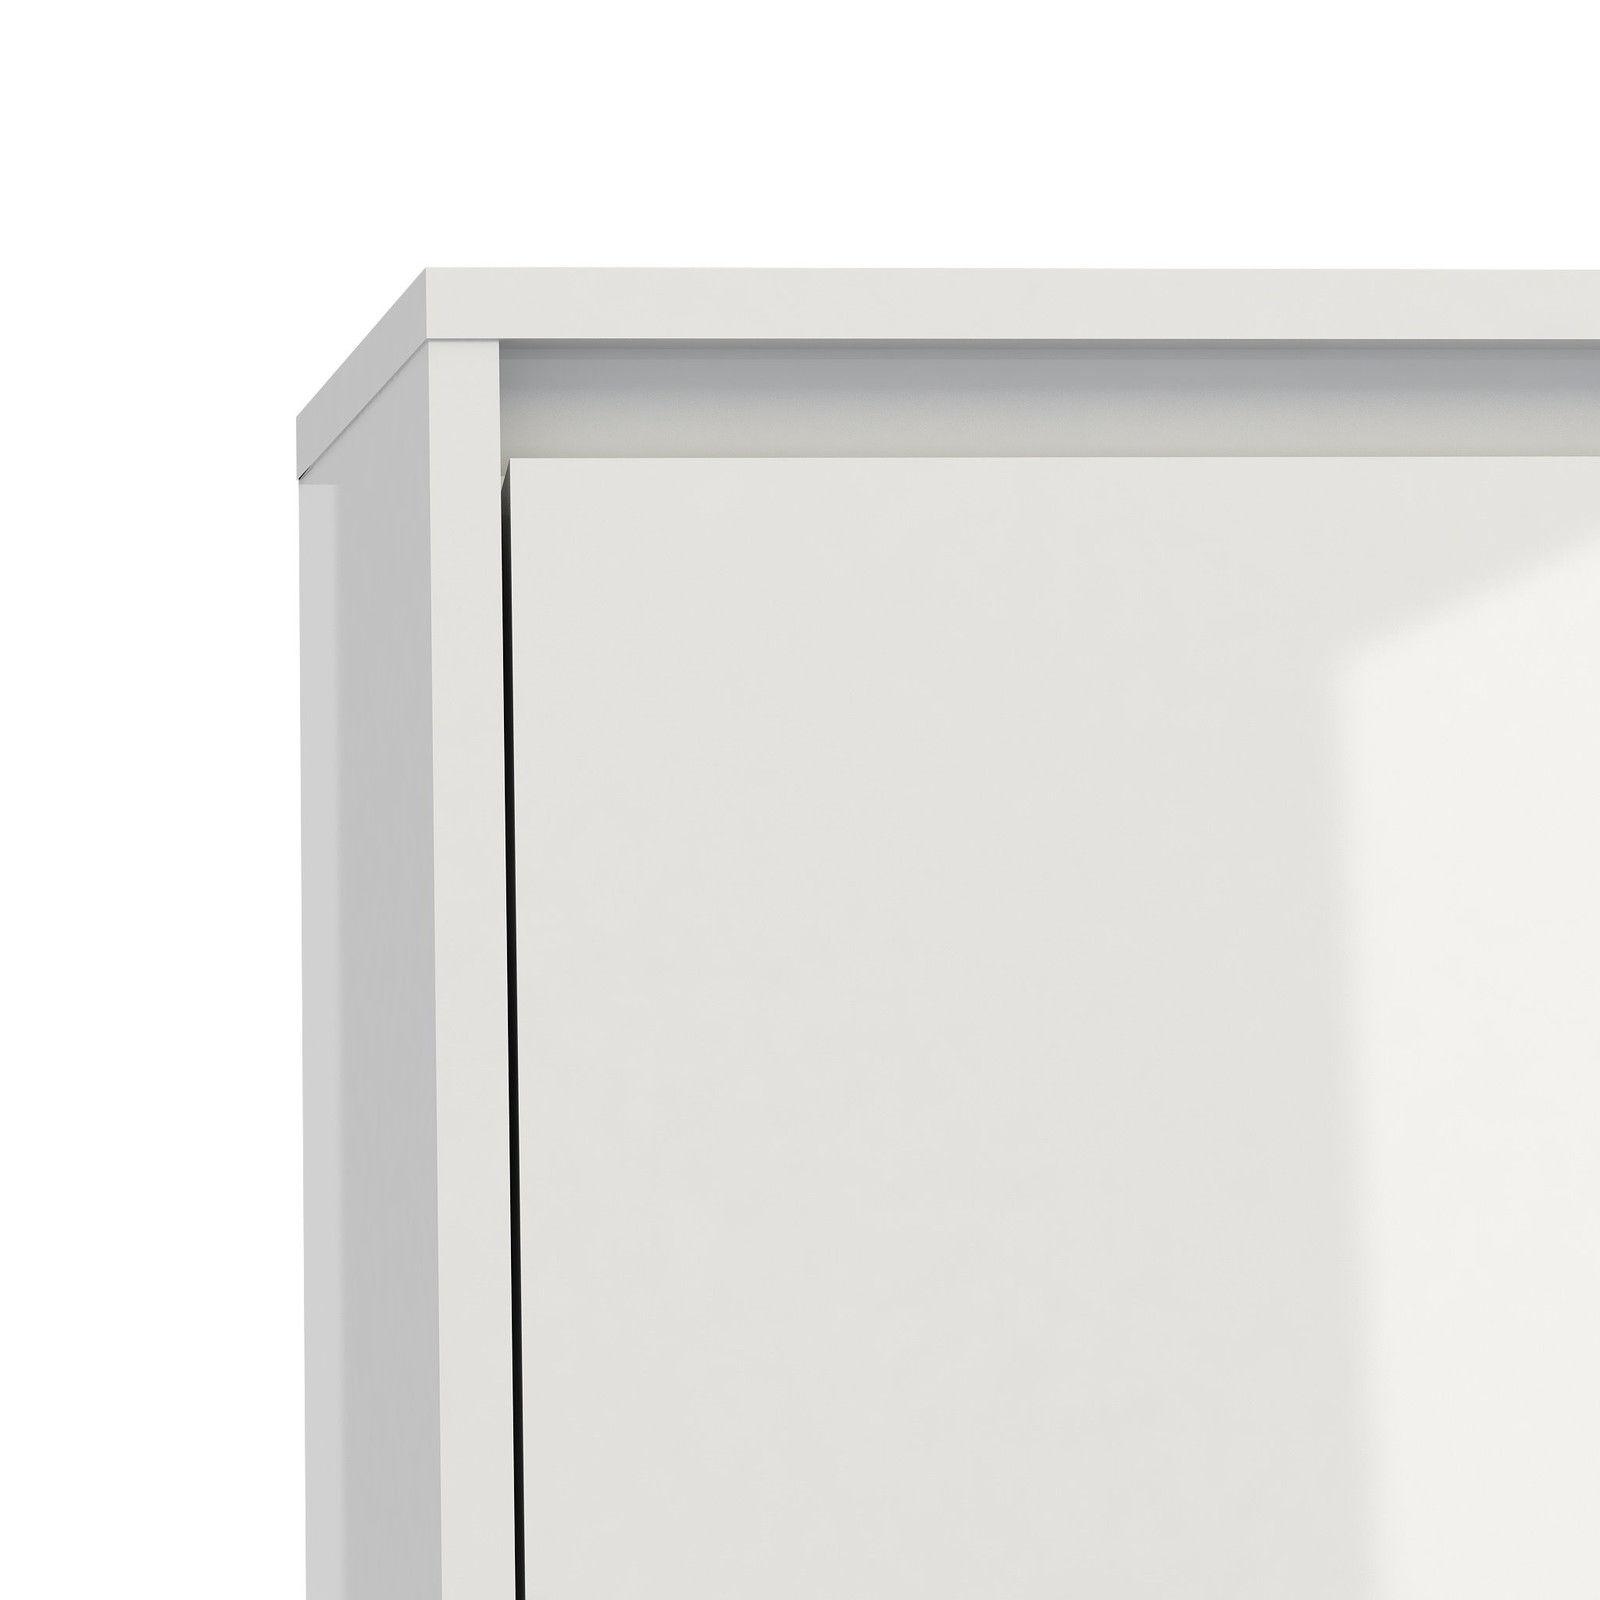 schuhschrank light schuhkipper schuhregal flur dielen schrank weiss hochglanz ebay. Black Bedroom Furniture Sets. Home Design Ideas